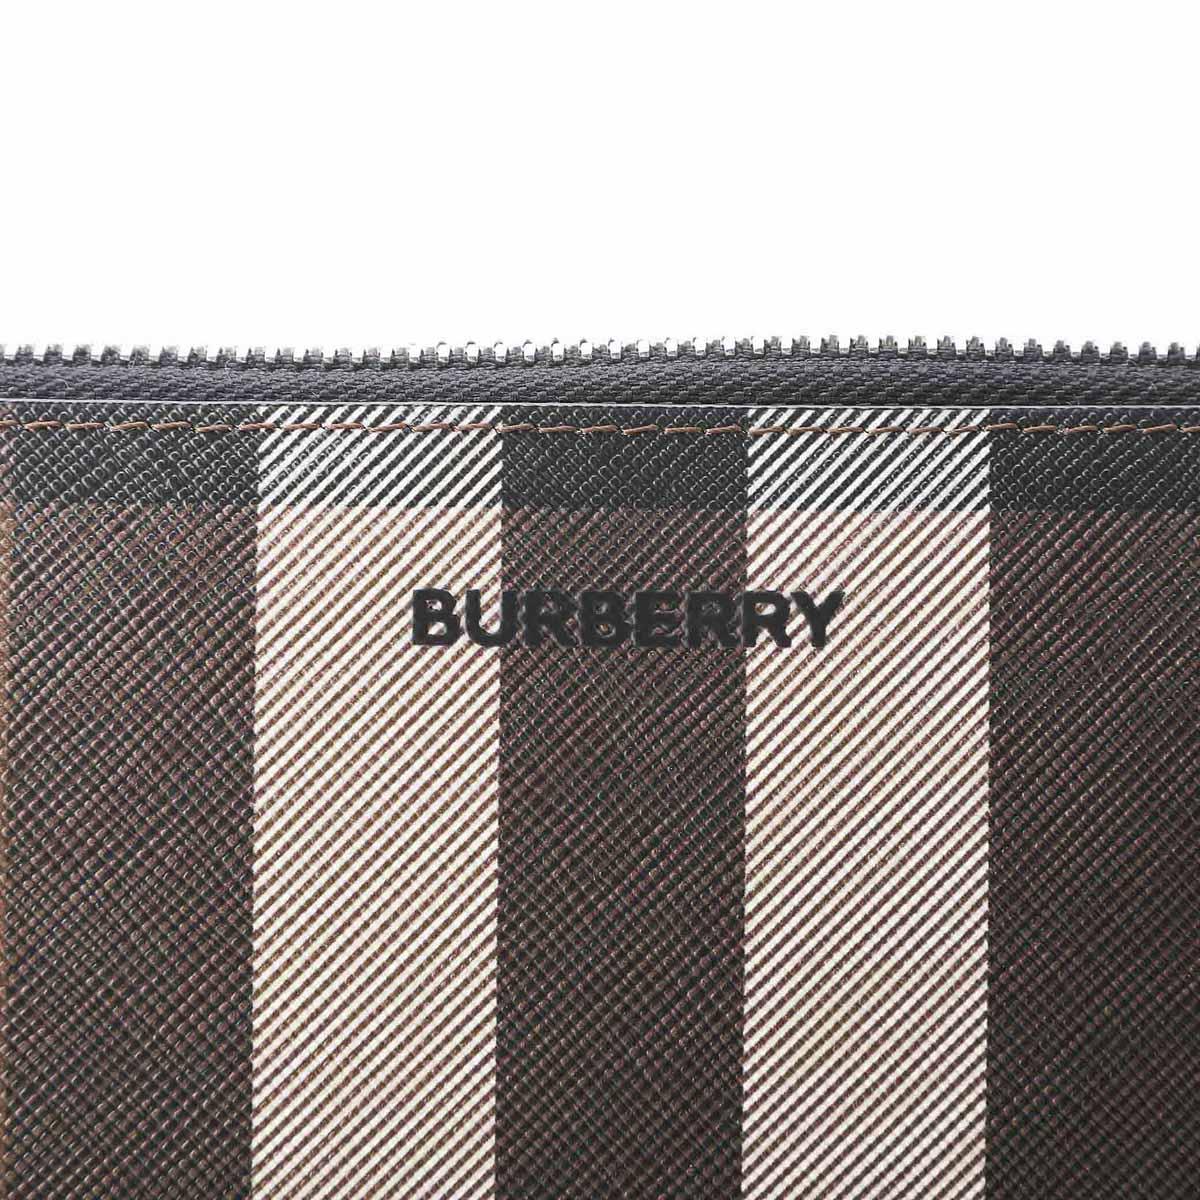 【タイムセール ACCS】BURBERRY バーバリー ポーチ/ドキュメントケース クラッチバッグ メンズ